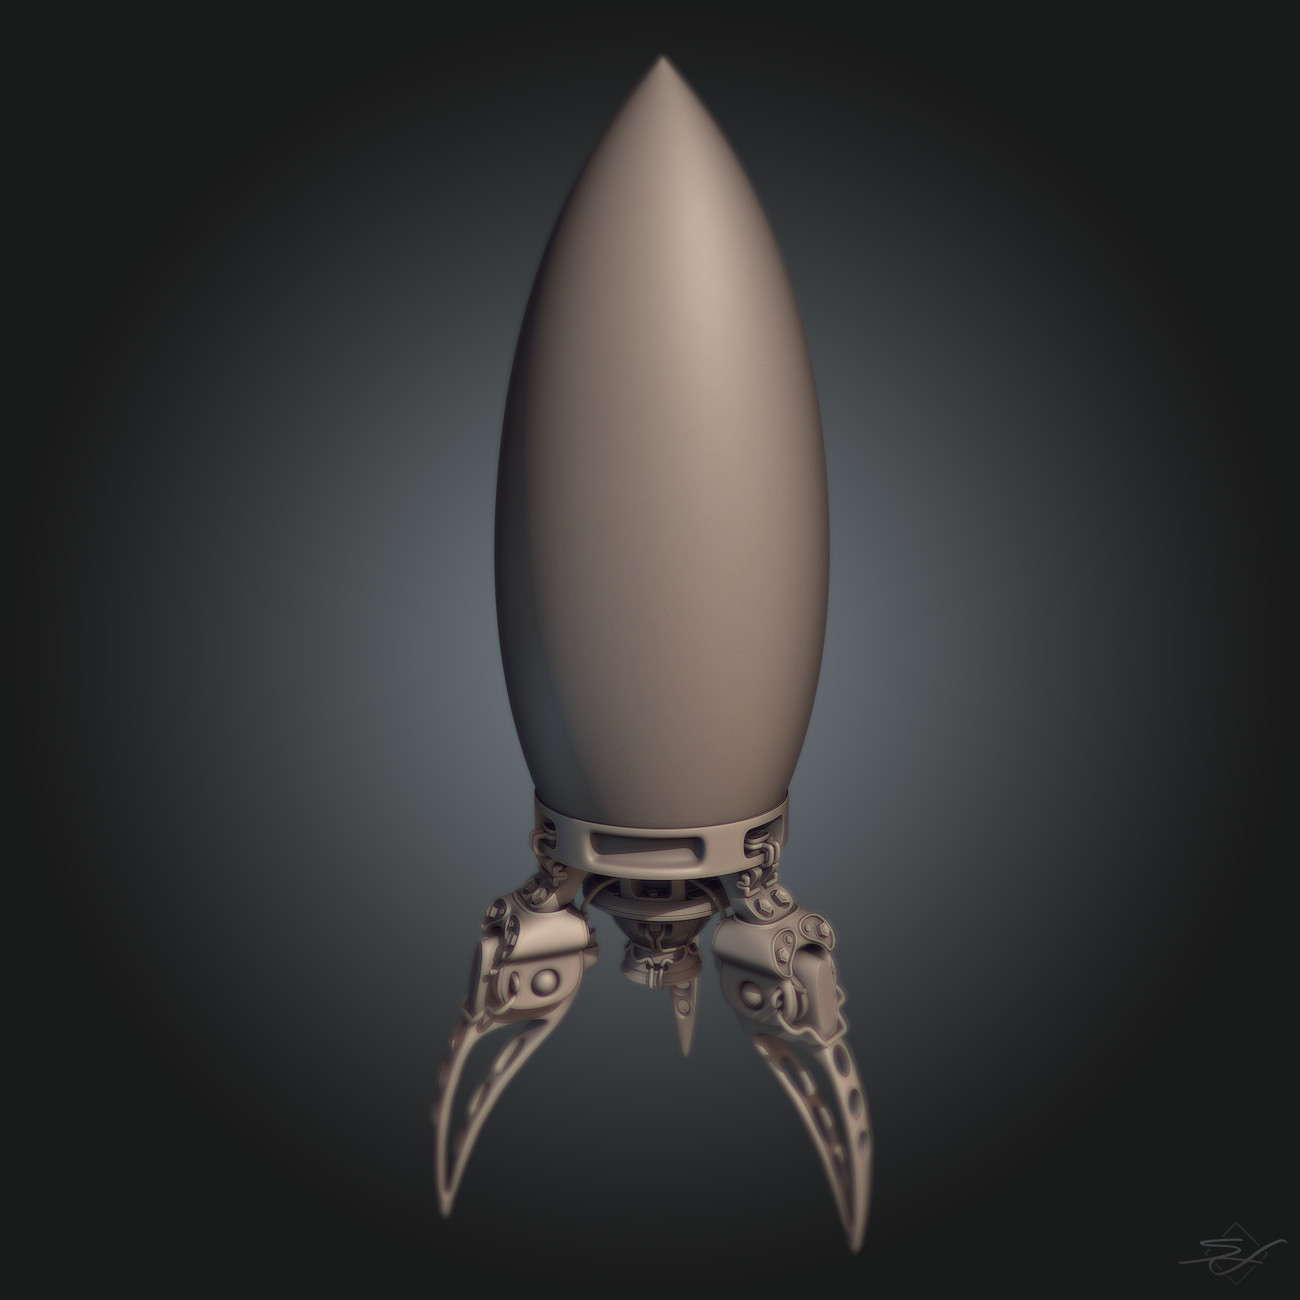 Sebastian irmer rakete 01